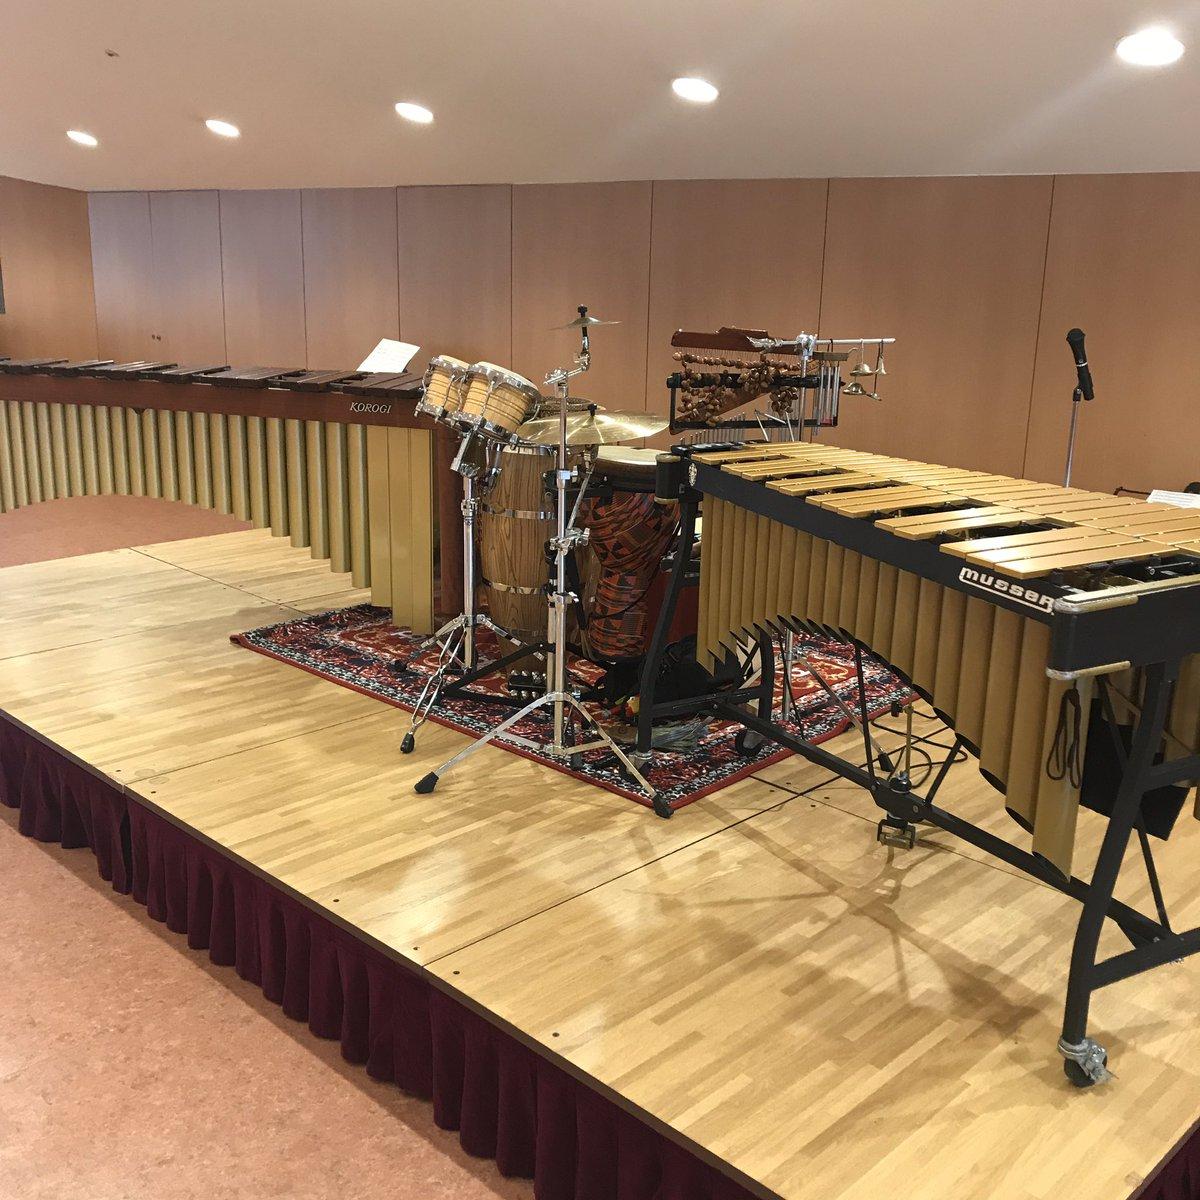 灰色ドラムマットをやめてマイネルの絨毯ドラムマットにしてみた! 見てこの見栄え!かわいい! ドラムマットよりさらに音吸われてタイトな音になる感じ。 この日はマリンバの低音結構吸われてた感じがする。のっちゃってたし  全色んな施設でアウトリーチされるパーカッションはの方々、おススメ!